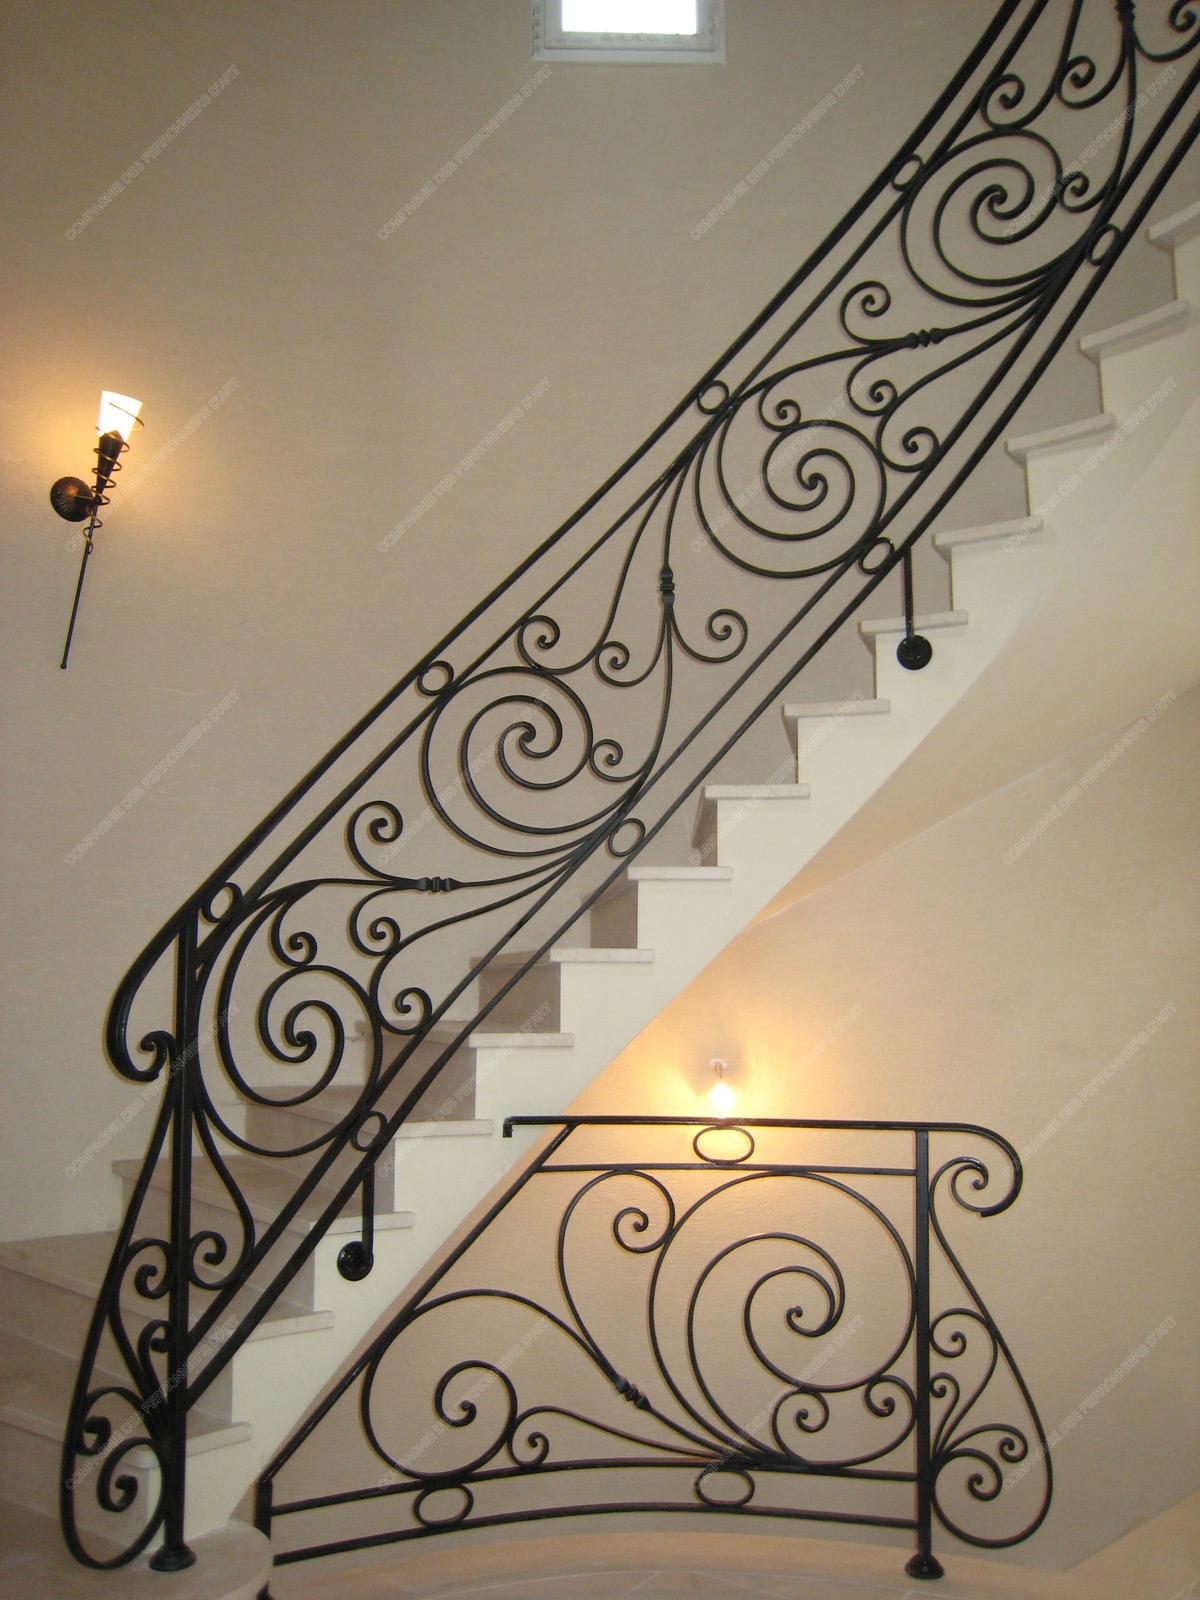 Rampes d 39 escalier en fer forg classique mod le ranelagh for Dessin en fer forge